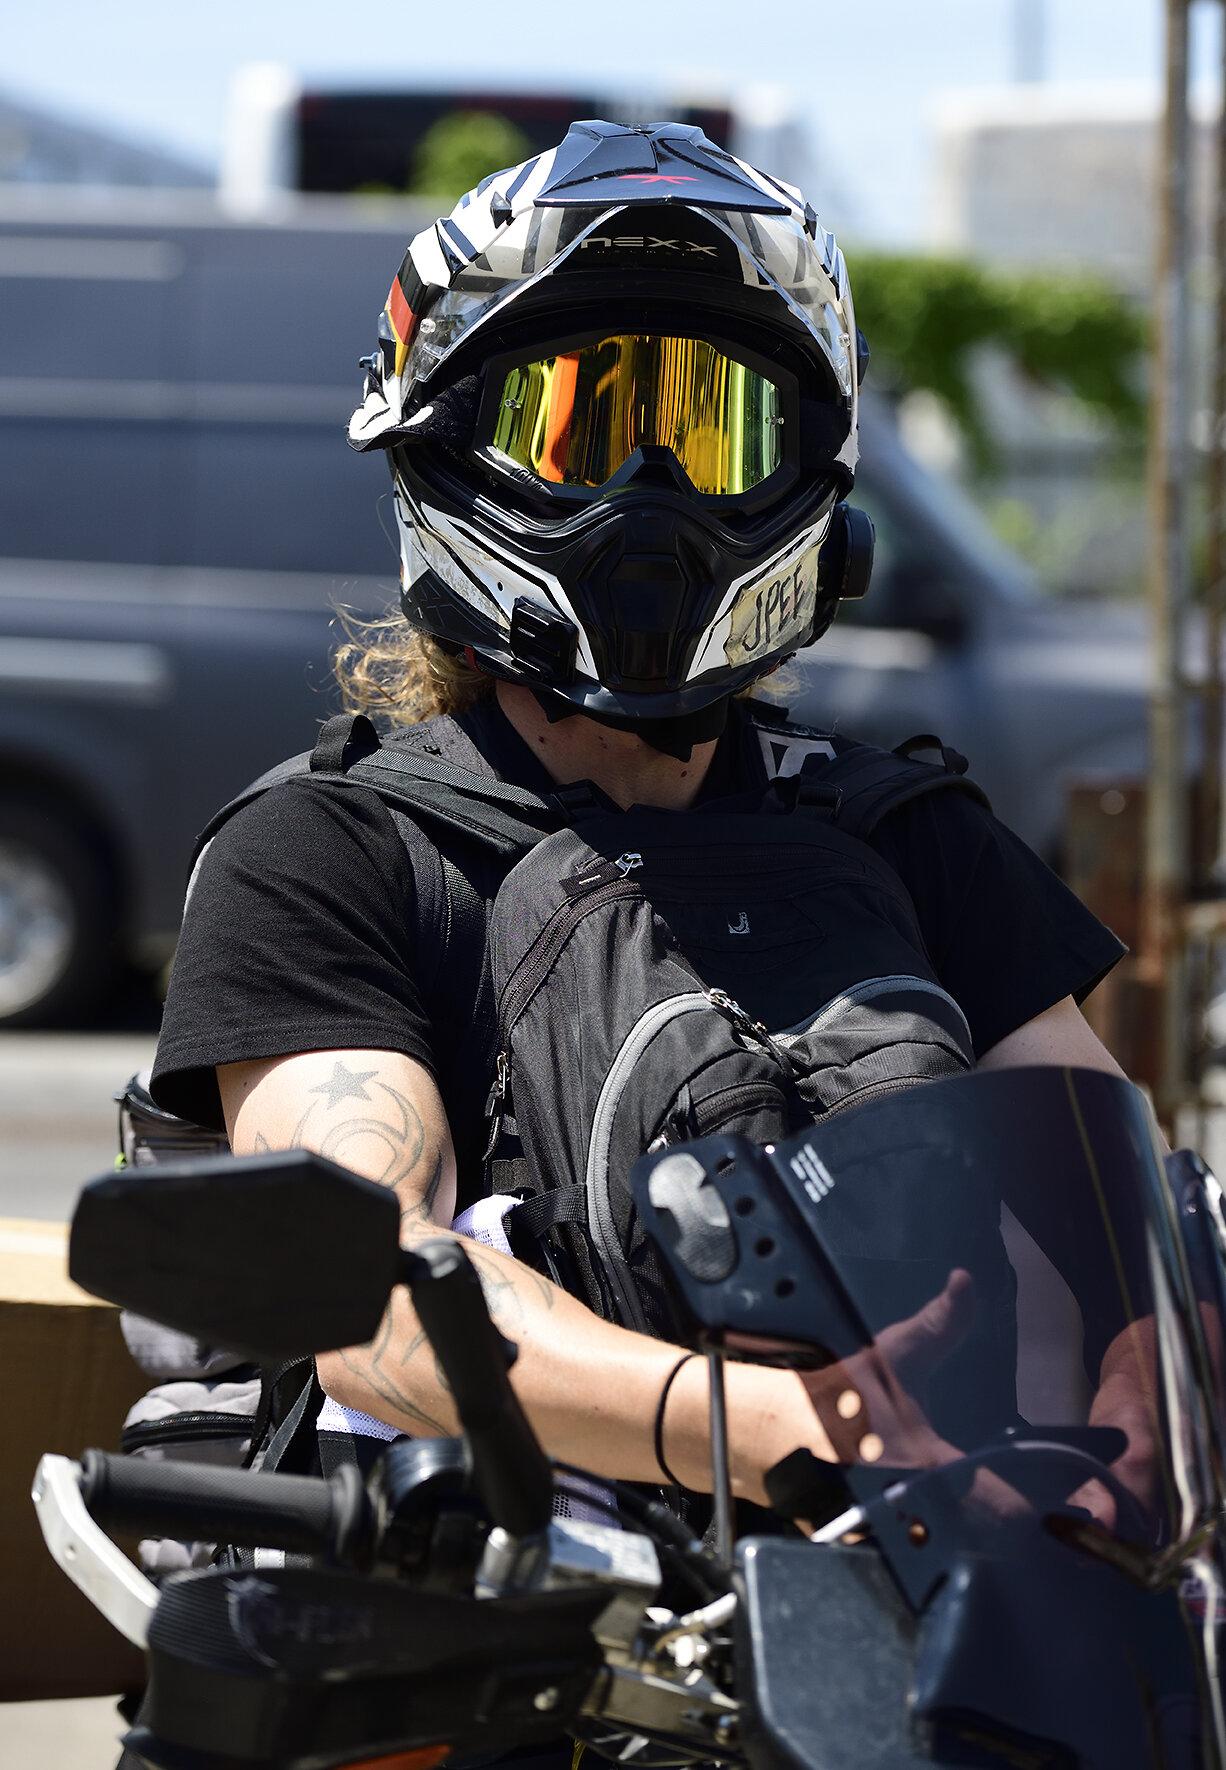 motomarket3_011.jpg